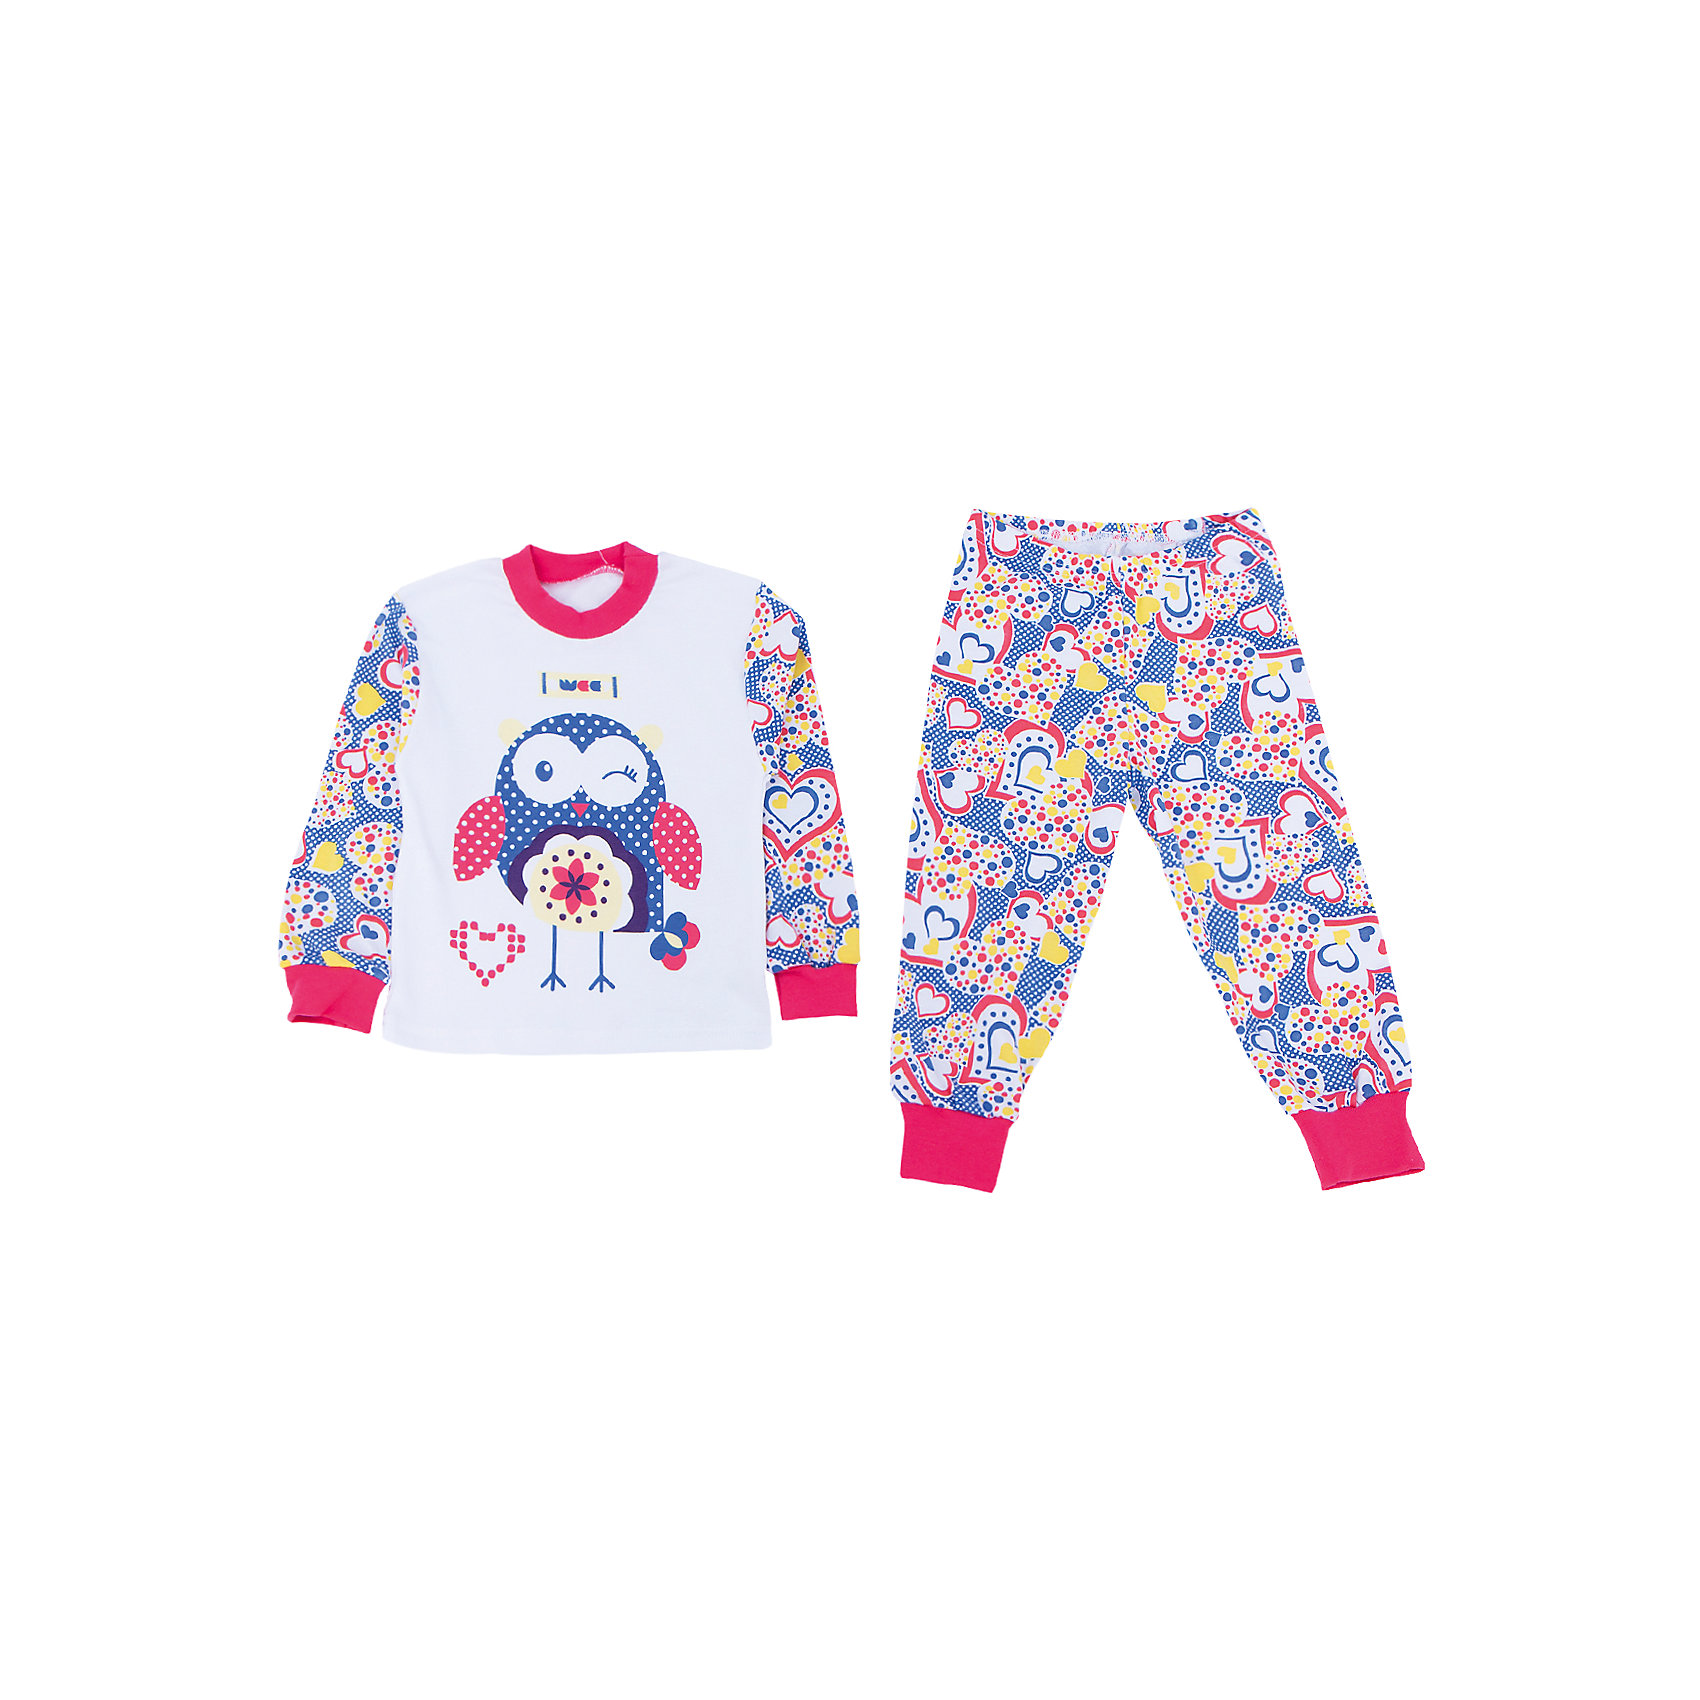 Пижама для девочки АпрельПижамы и сорочки<br>Пижама Апрель.<br><br>Характеристики:<br>• материал: хлопок<br>• цвет: синий<br><br>Яркая пижама от популярной марки Апрель выполнена из мягкого хлопка, приятного телу, что ребенок сможет оценить во время сна. Манжеты не позволят холодному воздуху проникнуть под одежду. Модель украшена ярким рисунком с сердечками и совой. В такой пижаме ваш ребенок увидит самые приятные и яркие сны!<br><br>Купить пижаму Апрель можно в нашем интернет-магазине.<br><br>Ширина мм: 281<br>Глубина мм: 70<br>Высота мм: 188<br>Вес г: 295<br>Цвет: синий/белый<br>Возраст от месяцев: 60<br>Возраст до месяцев: 72<br>Пол: Женский<br>Возраст: Детский<br>Размер: 116,92,98,104,110<br>SKU: 4936895